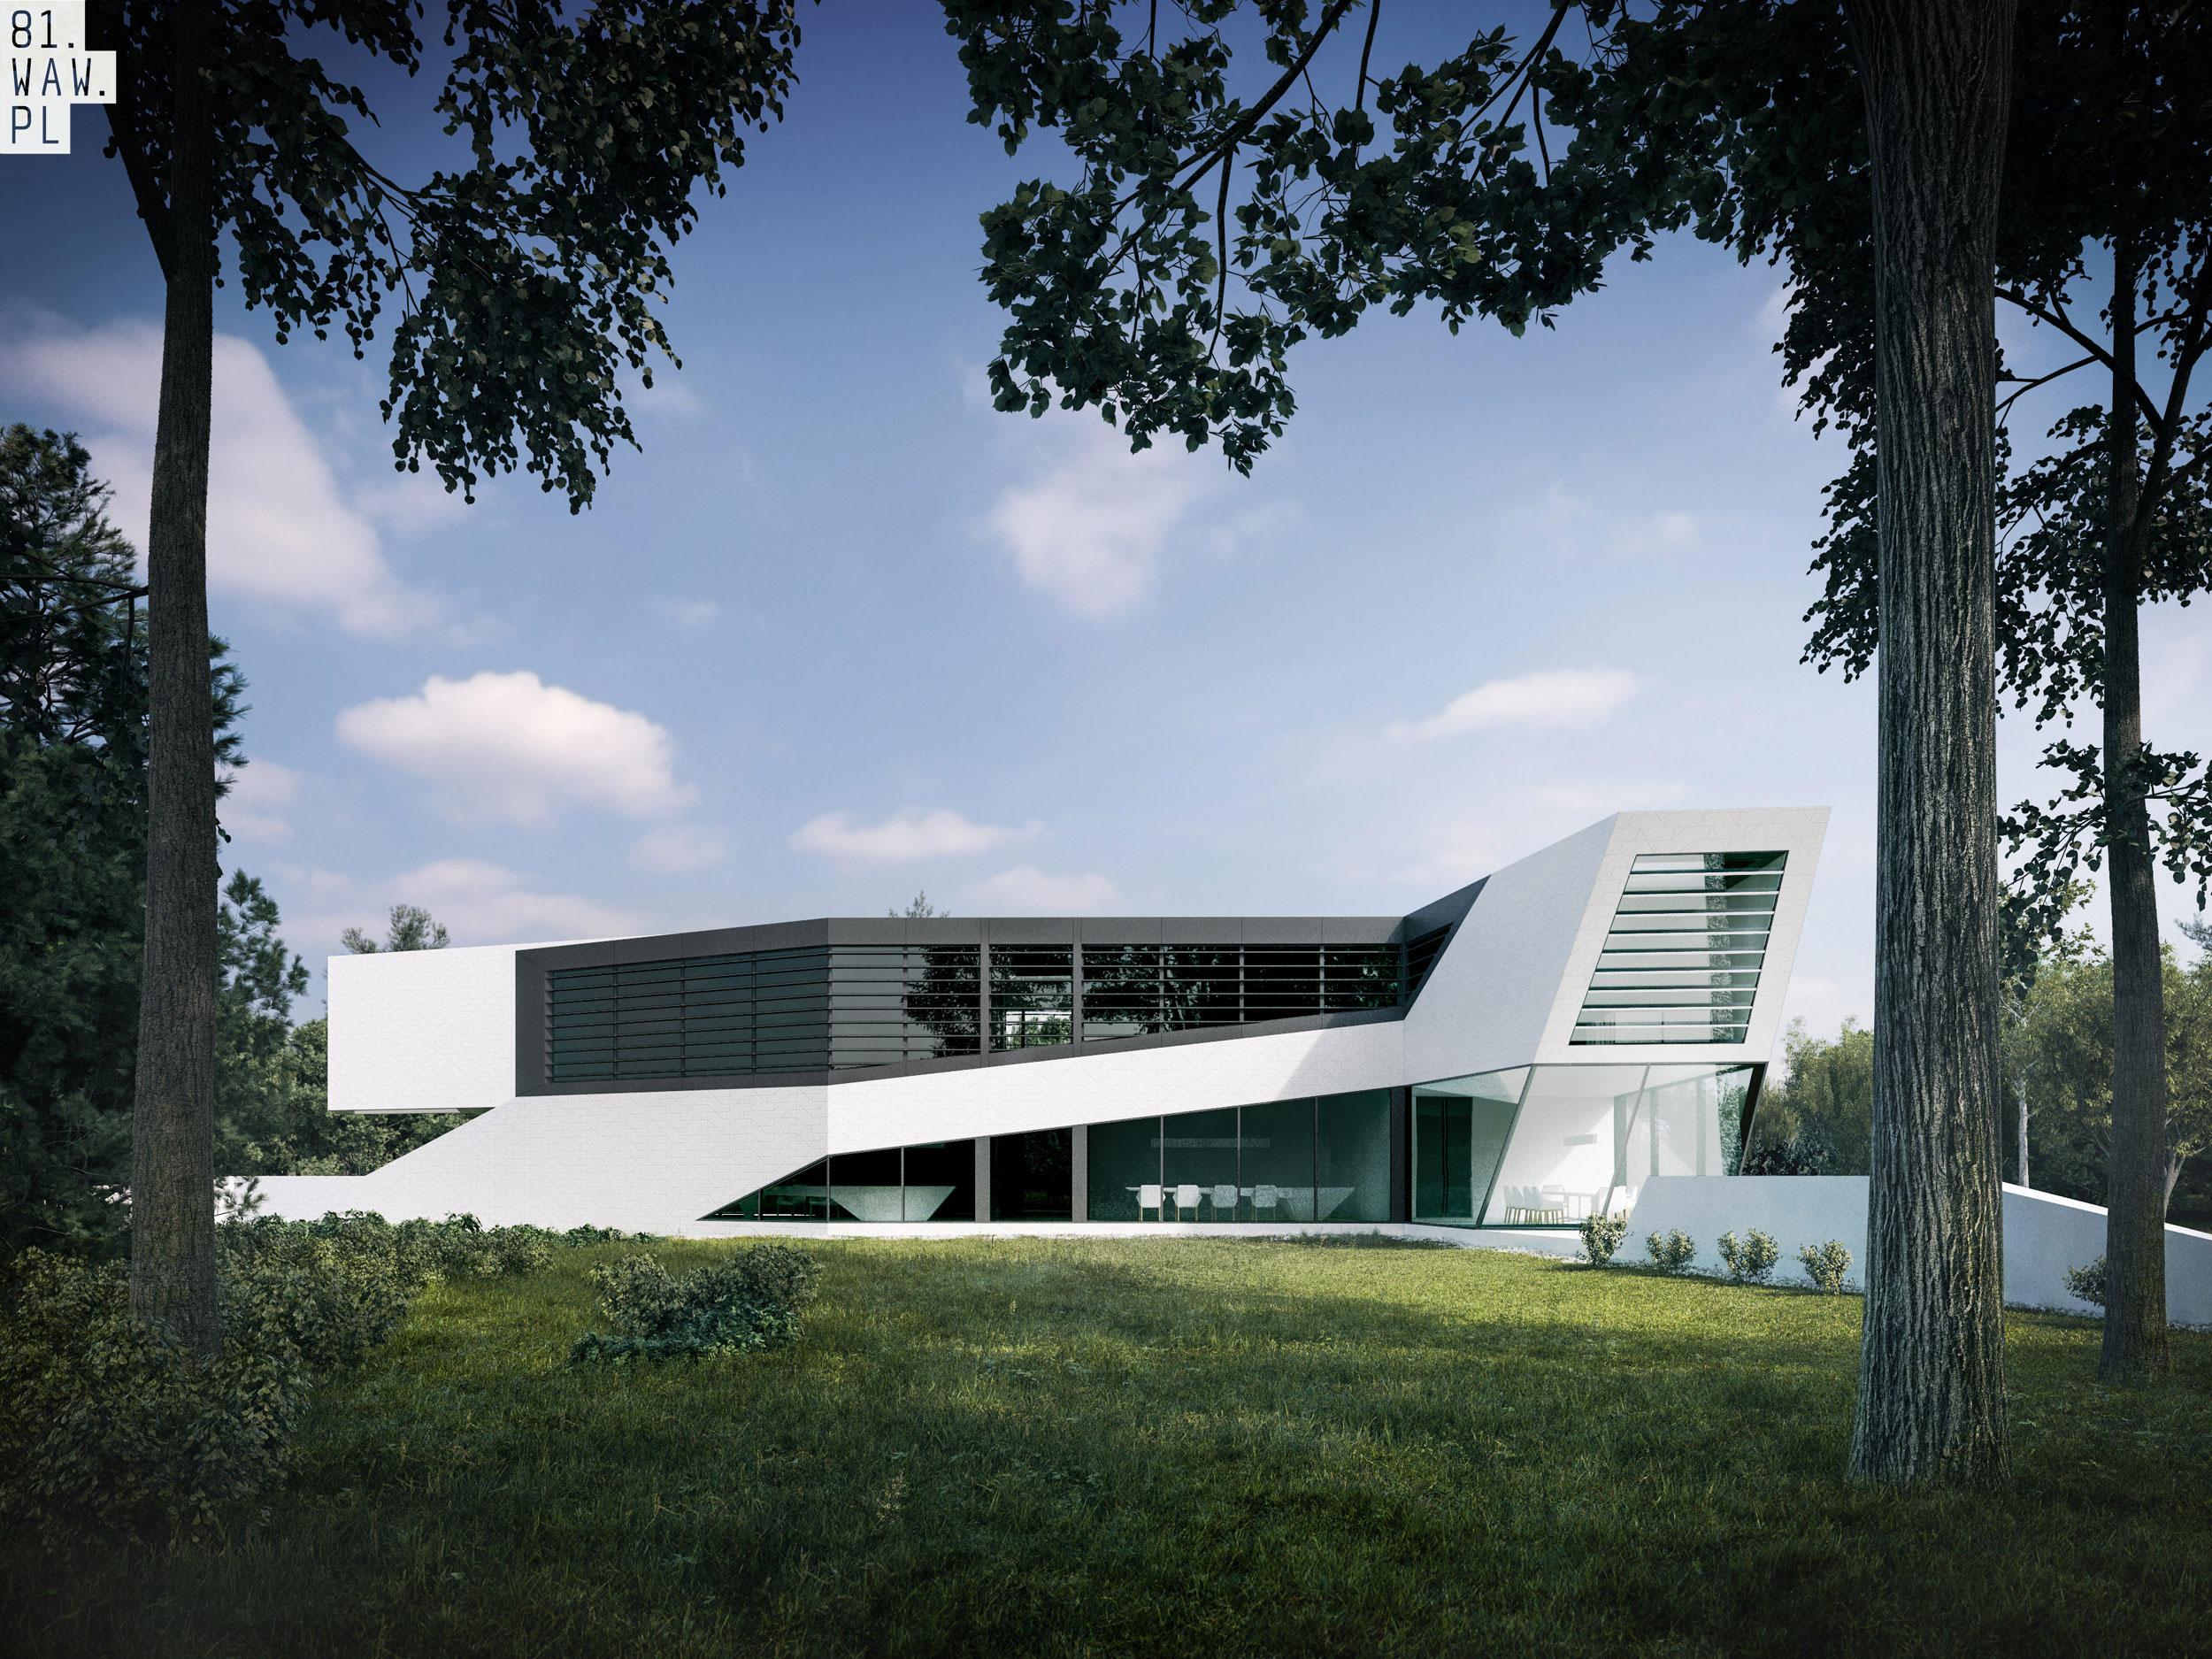 W Apl Aktualnosci Architektura Design Budownictwo